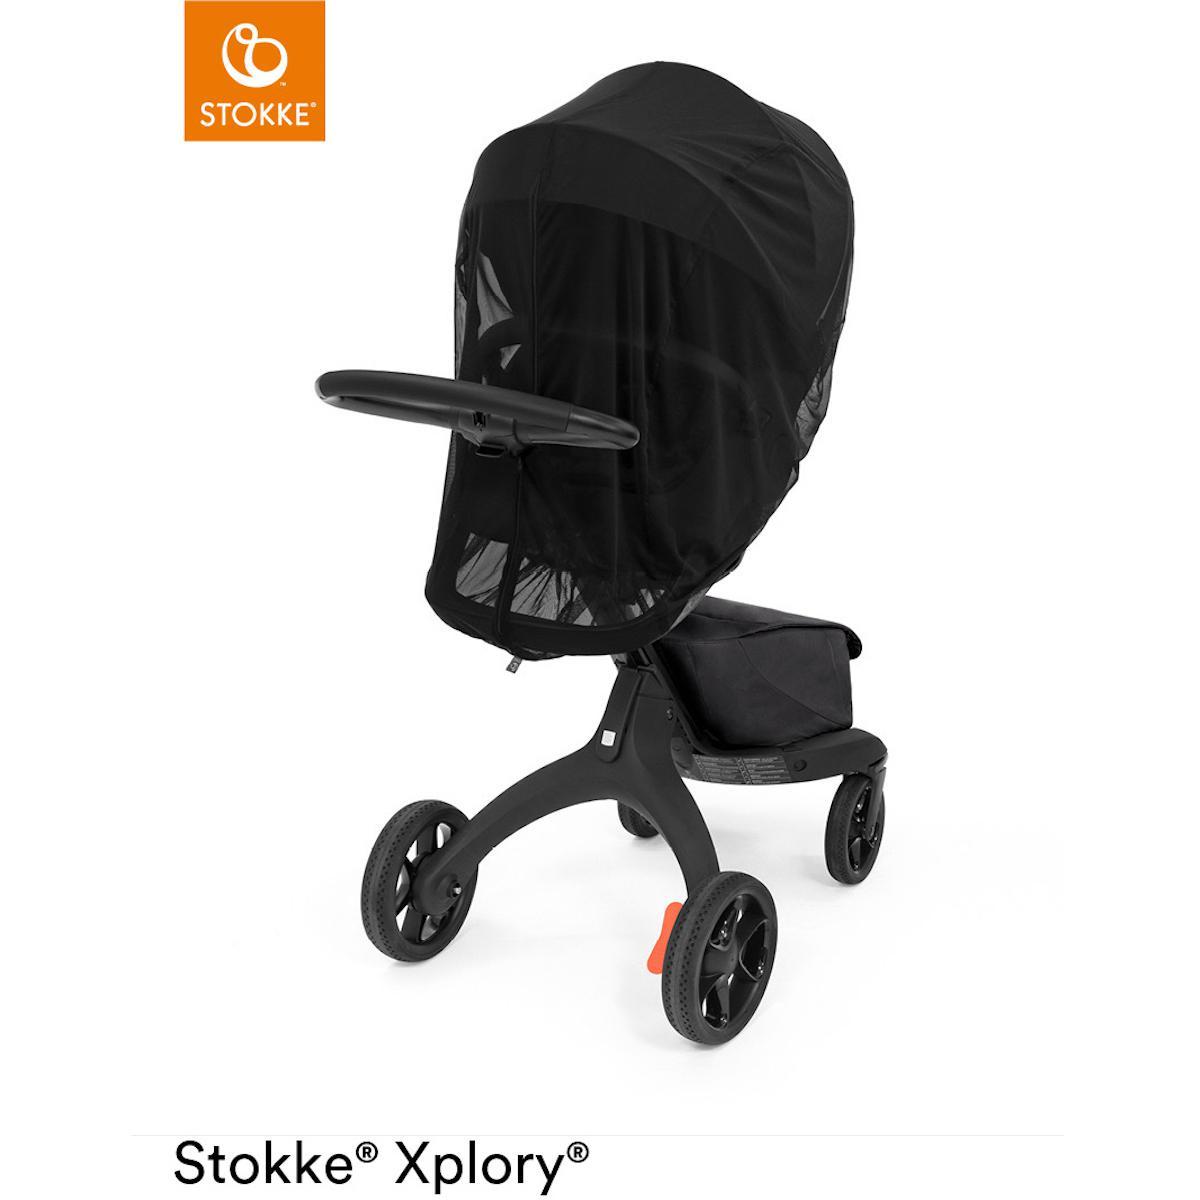 Moustiquaire XPLORY X Stokke Black